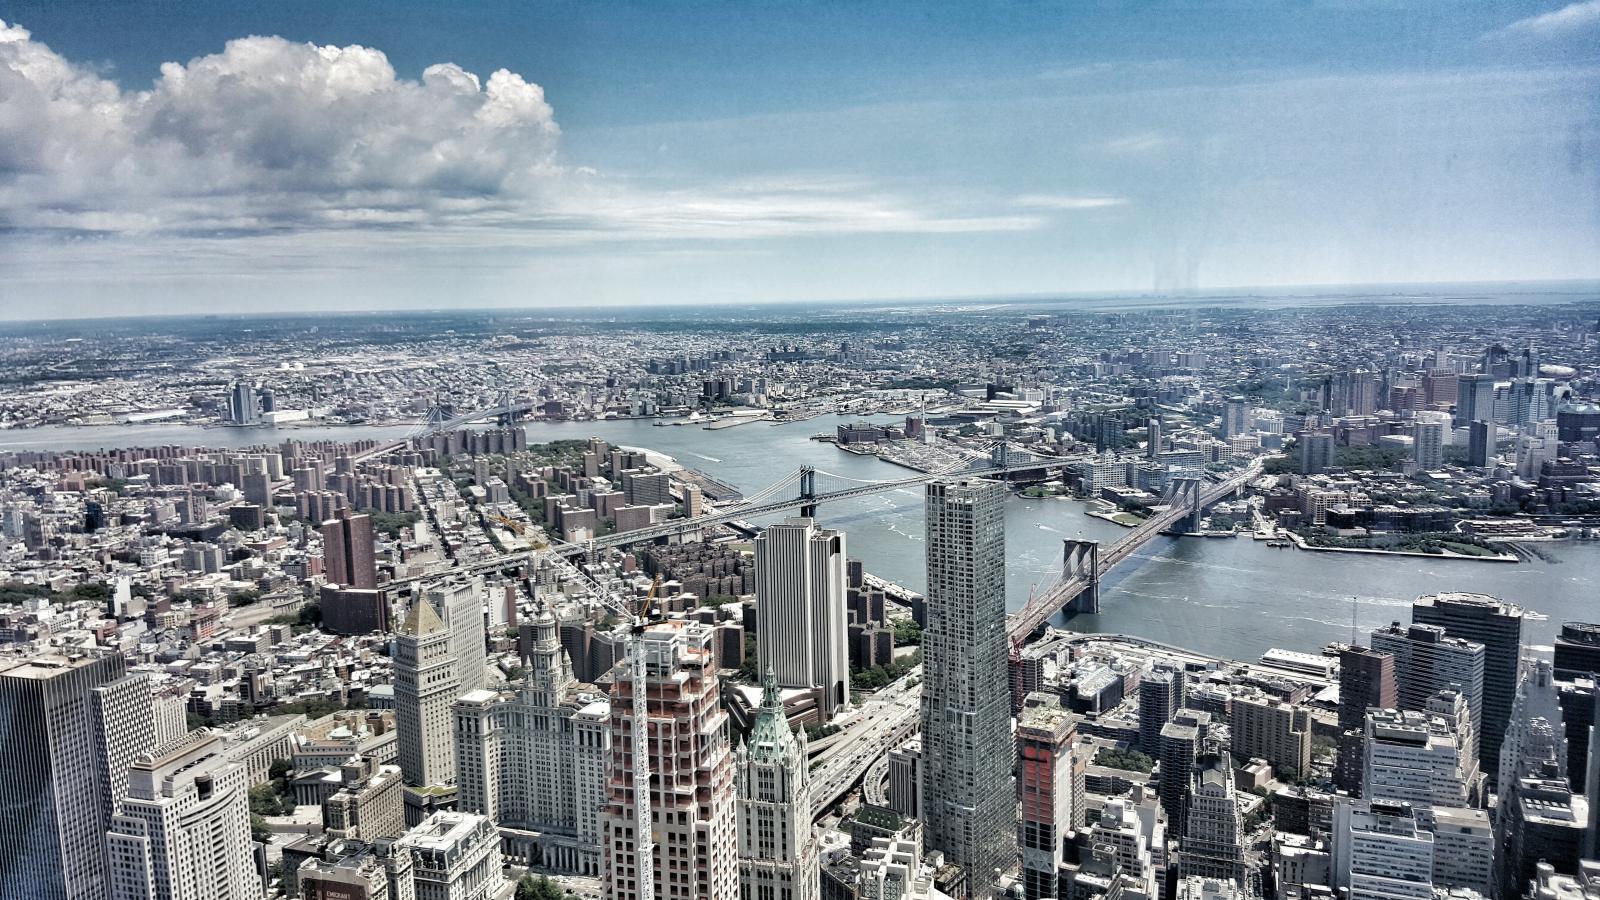 Vista desde el Mirador del OWTC en la Zona cero de Nueva York